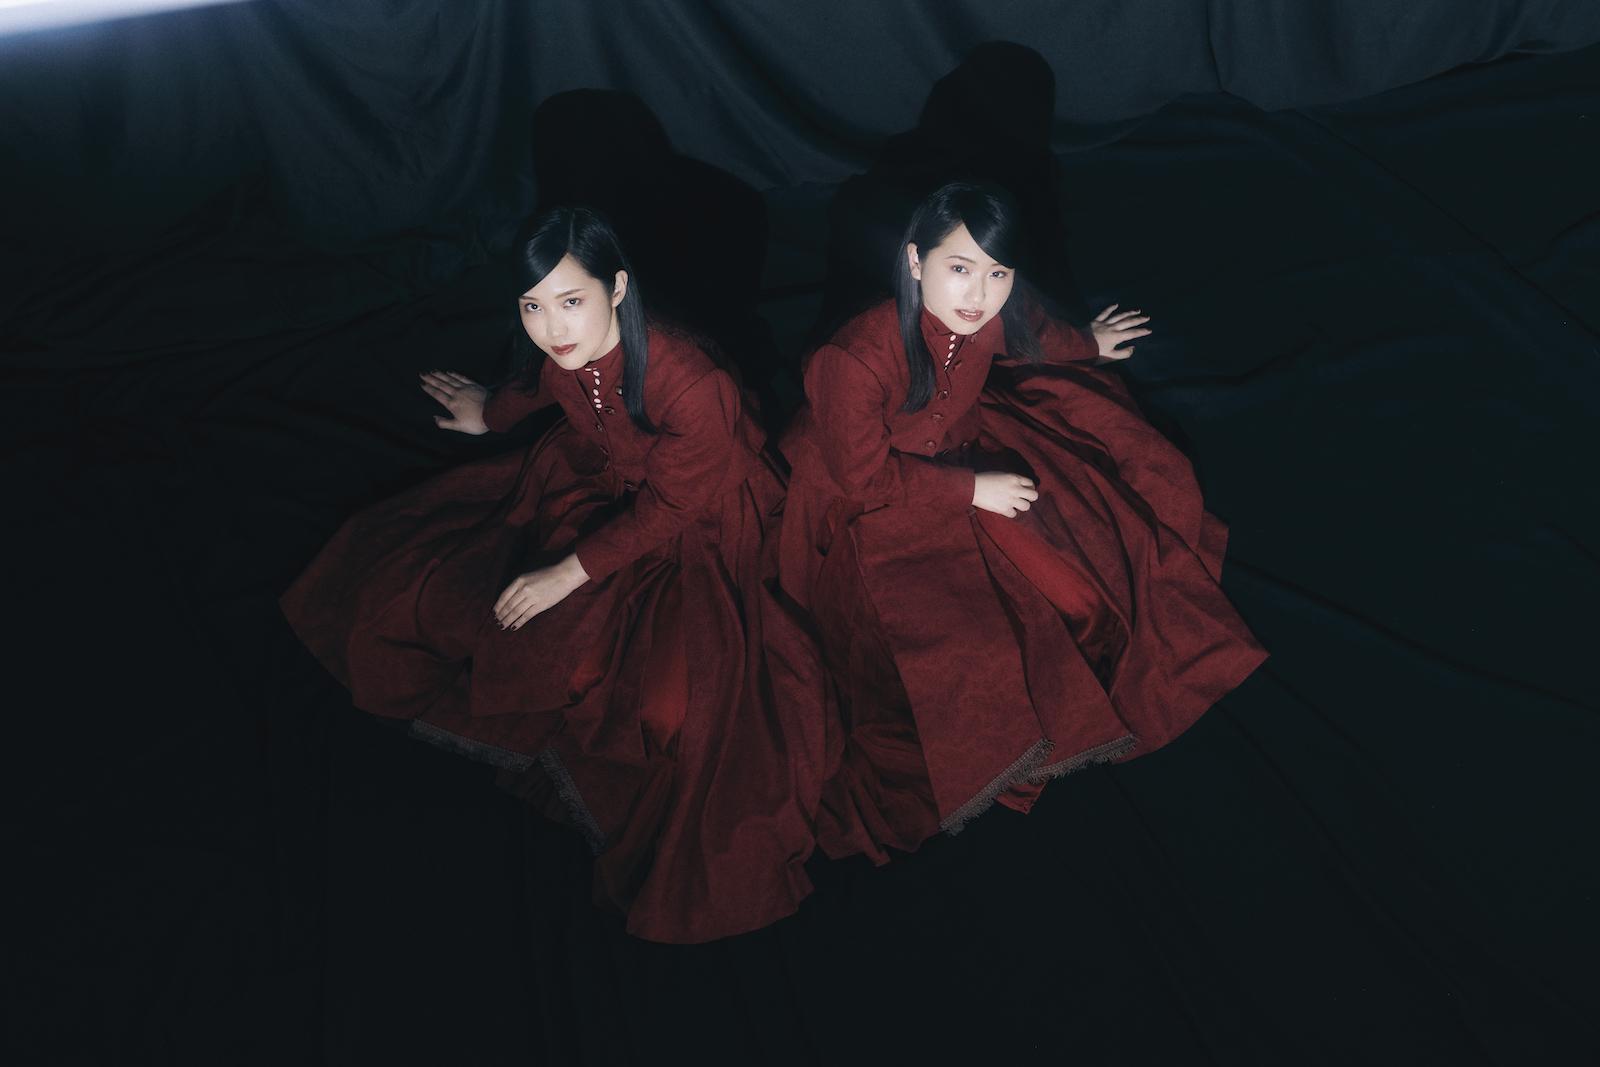 ピアノ連弾ボーカルユニット・Kitri、大橋トリオが演奏参加の『Akari』は今までとひと味違った仕上がりに